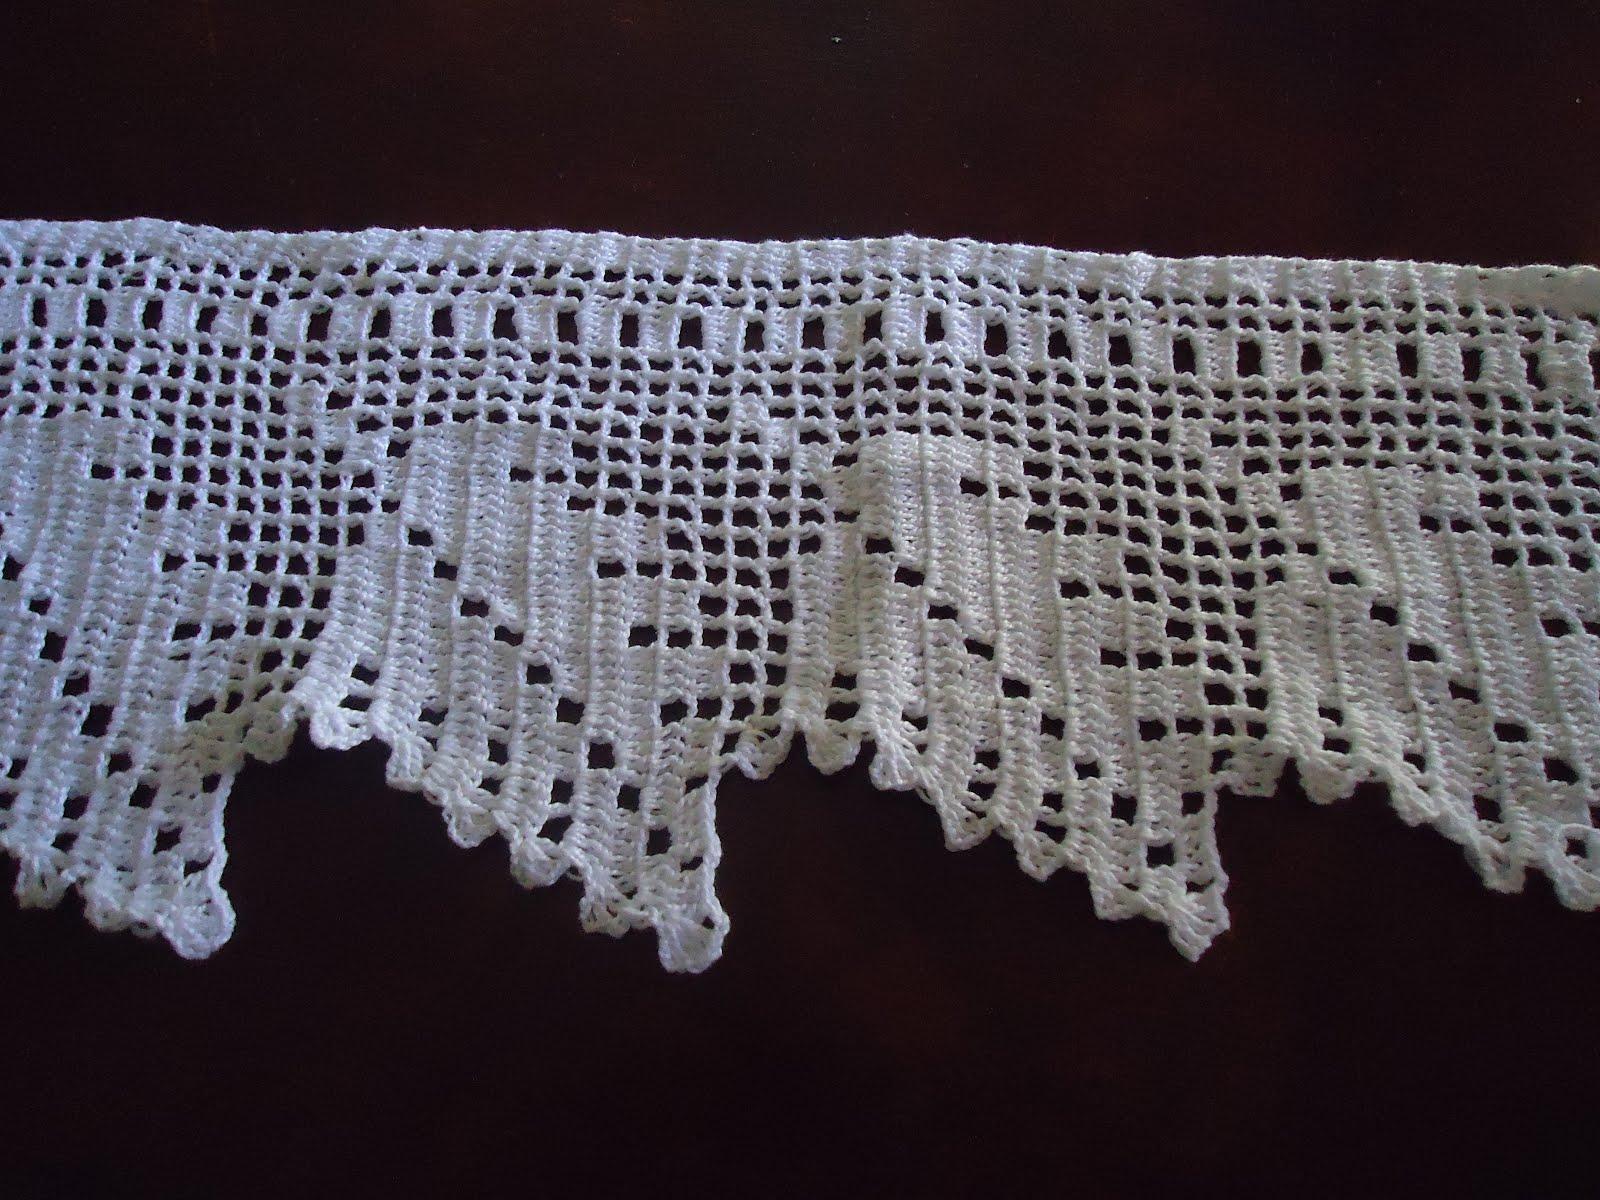 Uma barrinha de crochet para toalha de banho, logo abaixo o gráfico.